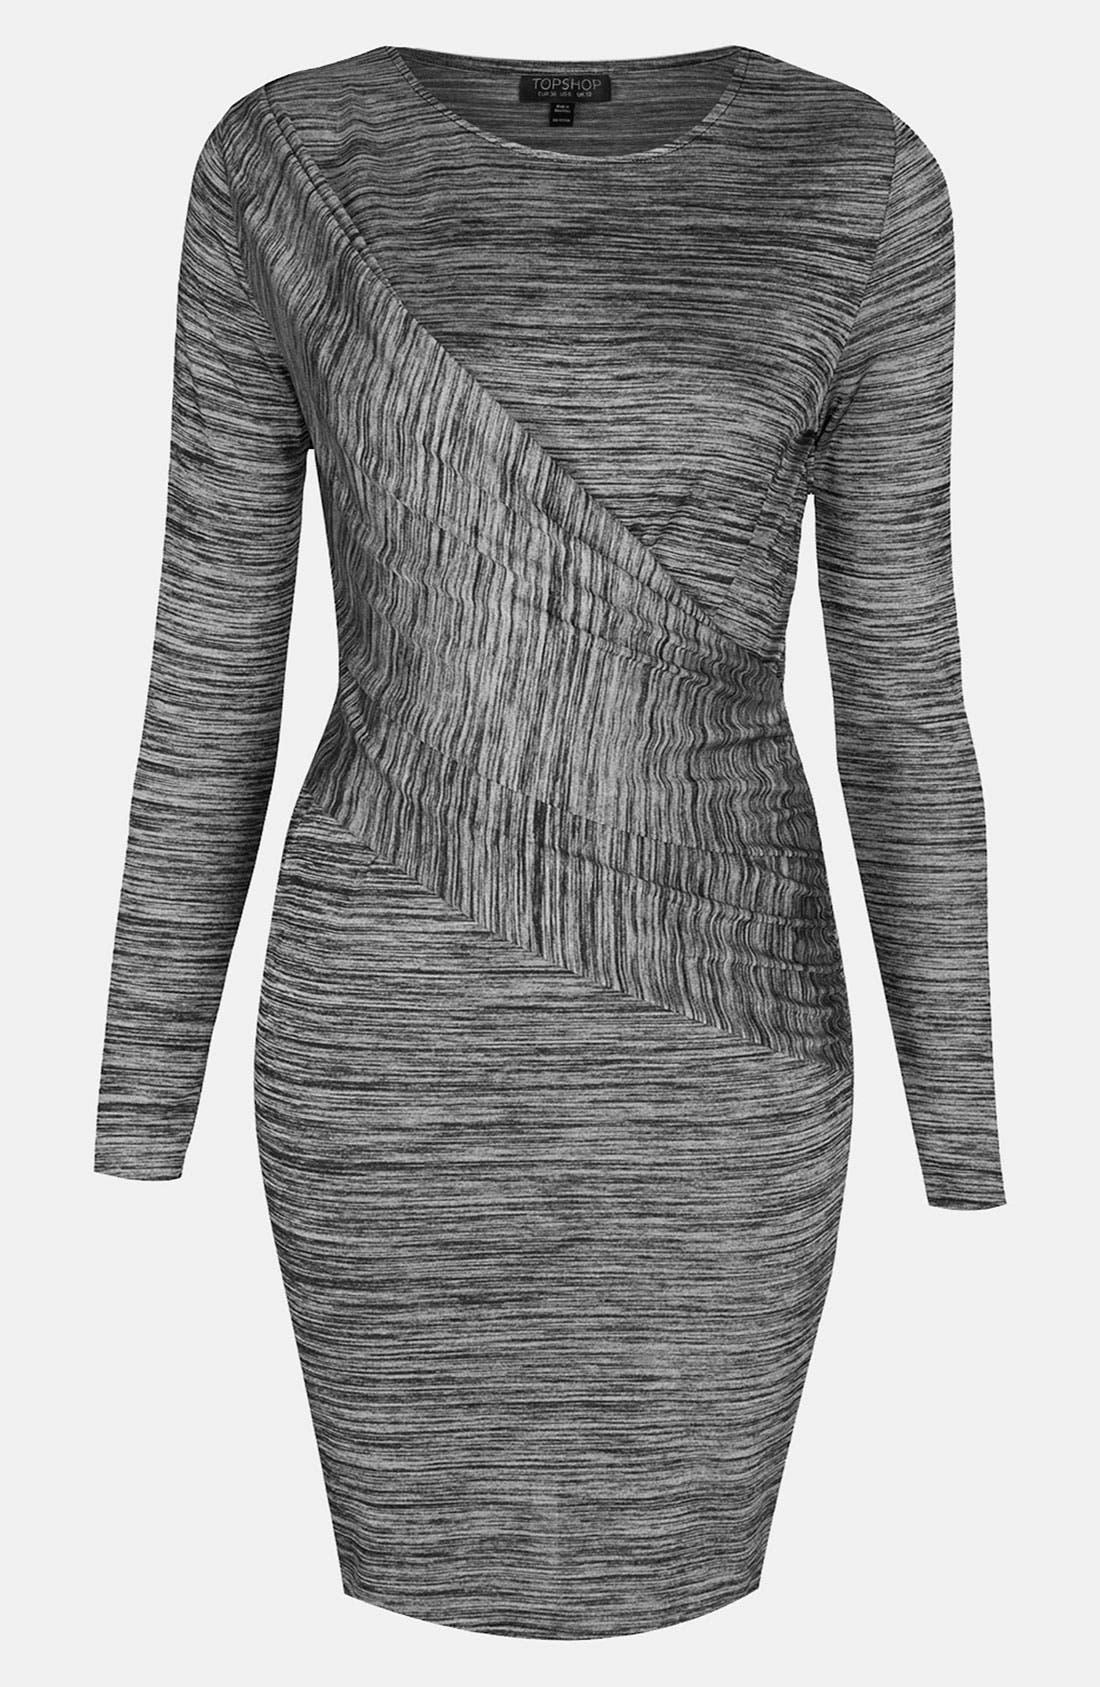 Main Image - Topshop Space Dye Draped Body-Con Dress